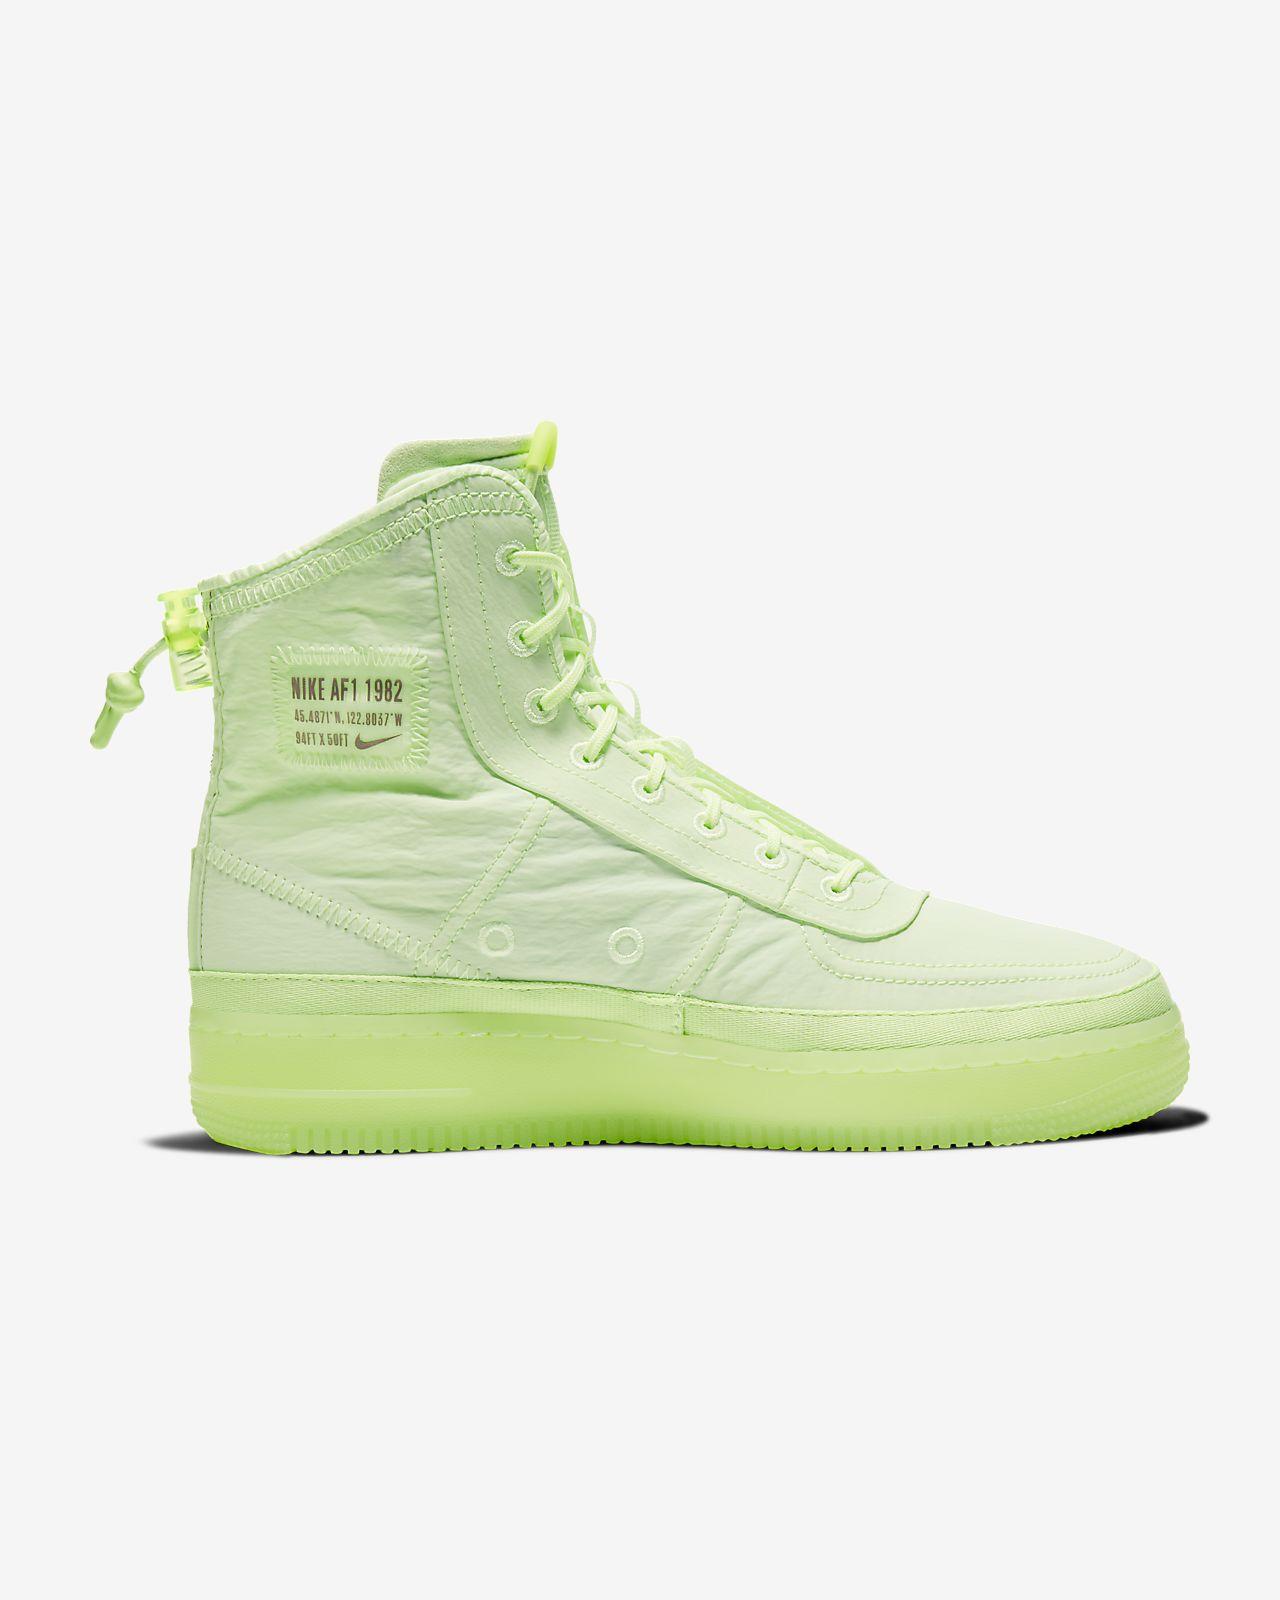 Nike Air Force 1 Shell Women's Shoe